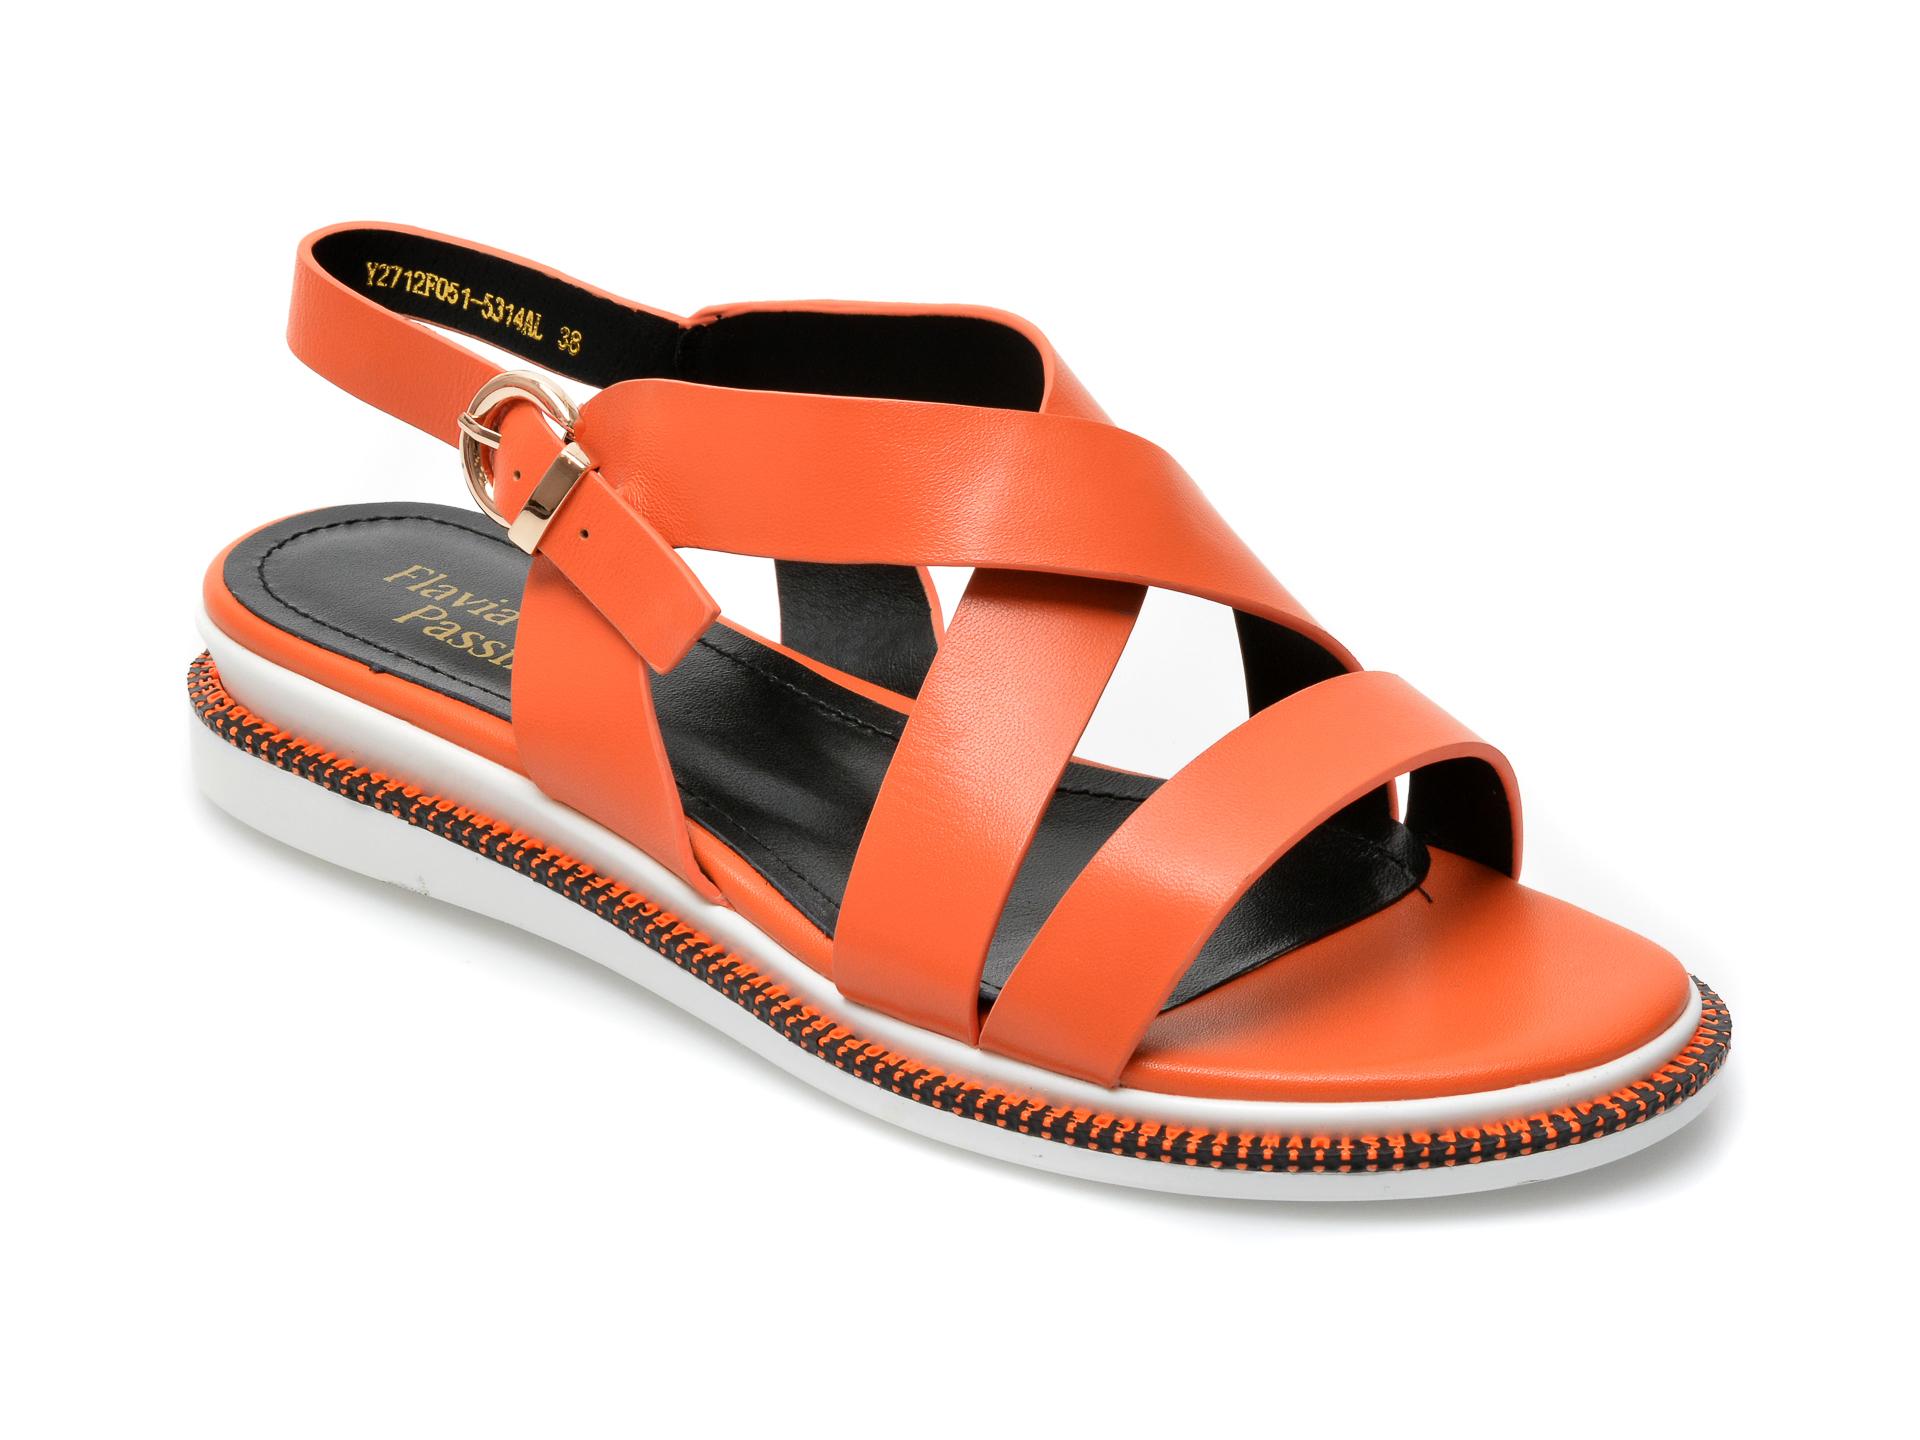 Sandale FLAVIA PASSINI portocalii, Y2712F0, din piele naturala imagine otter.ro 2021